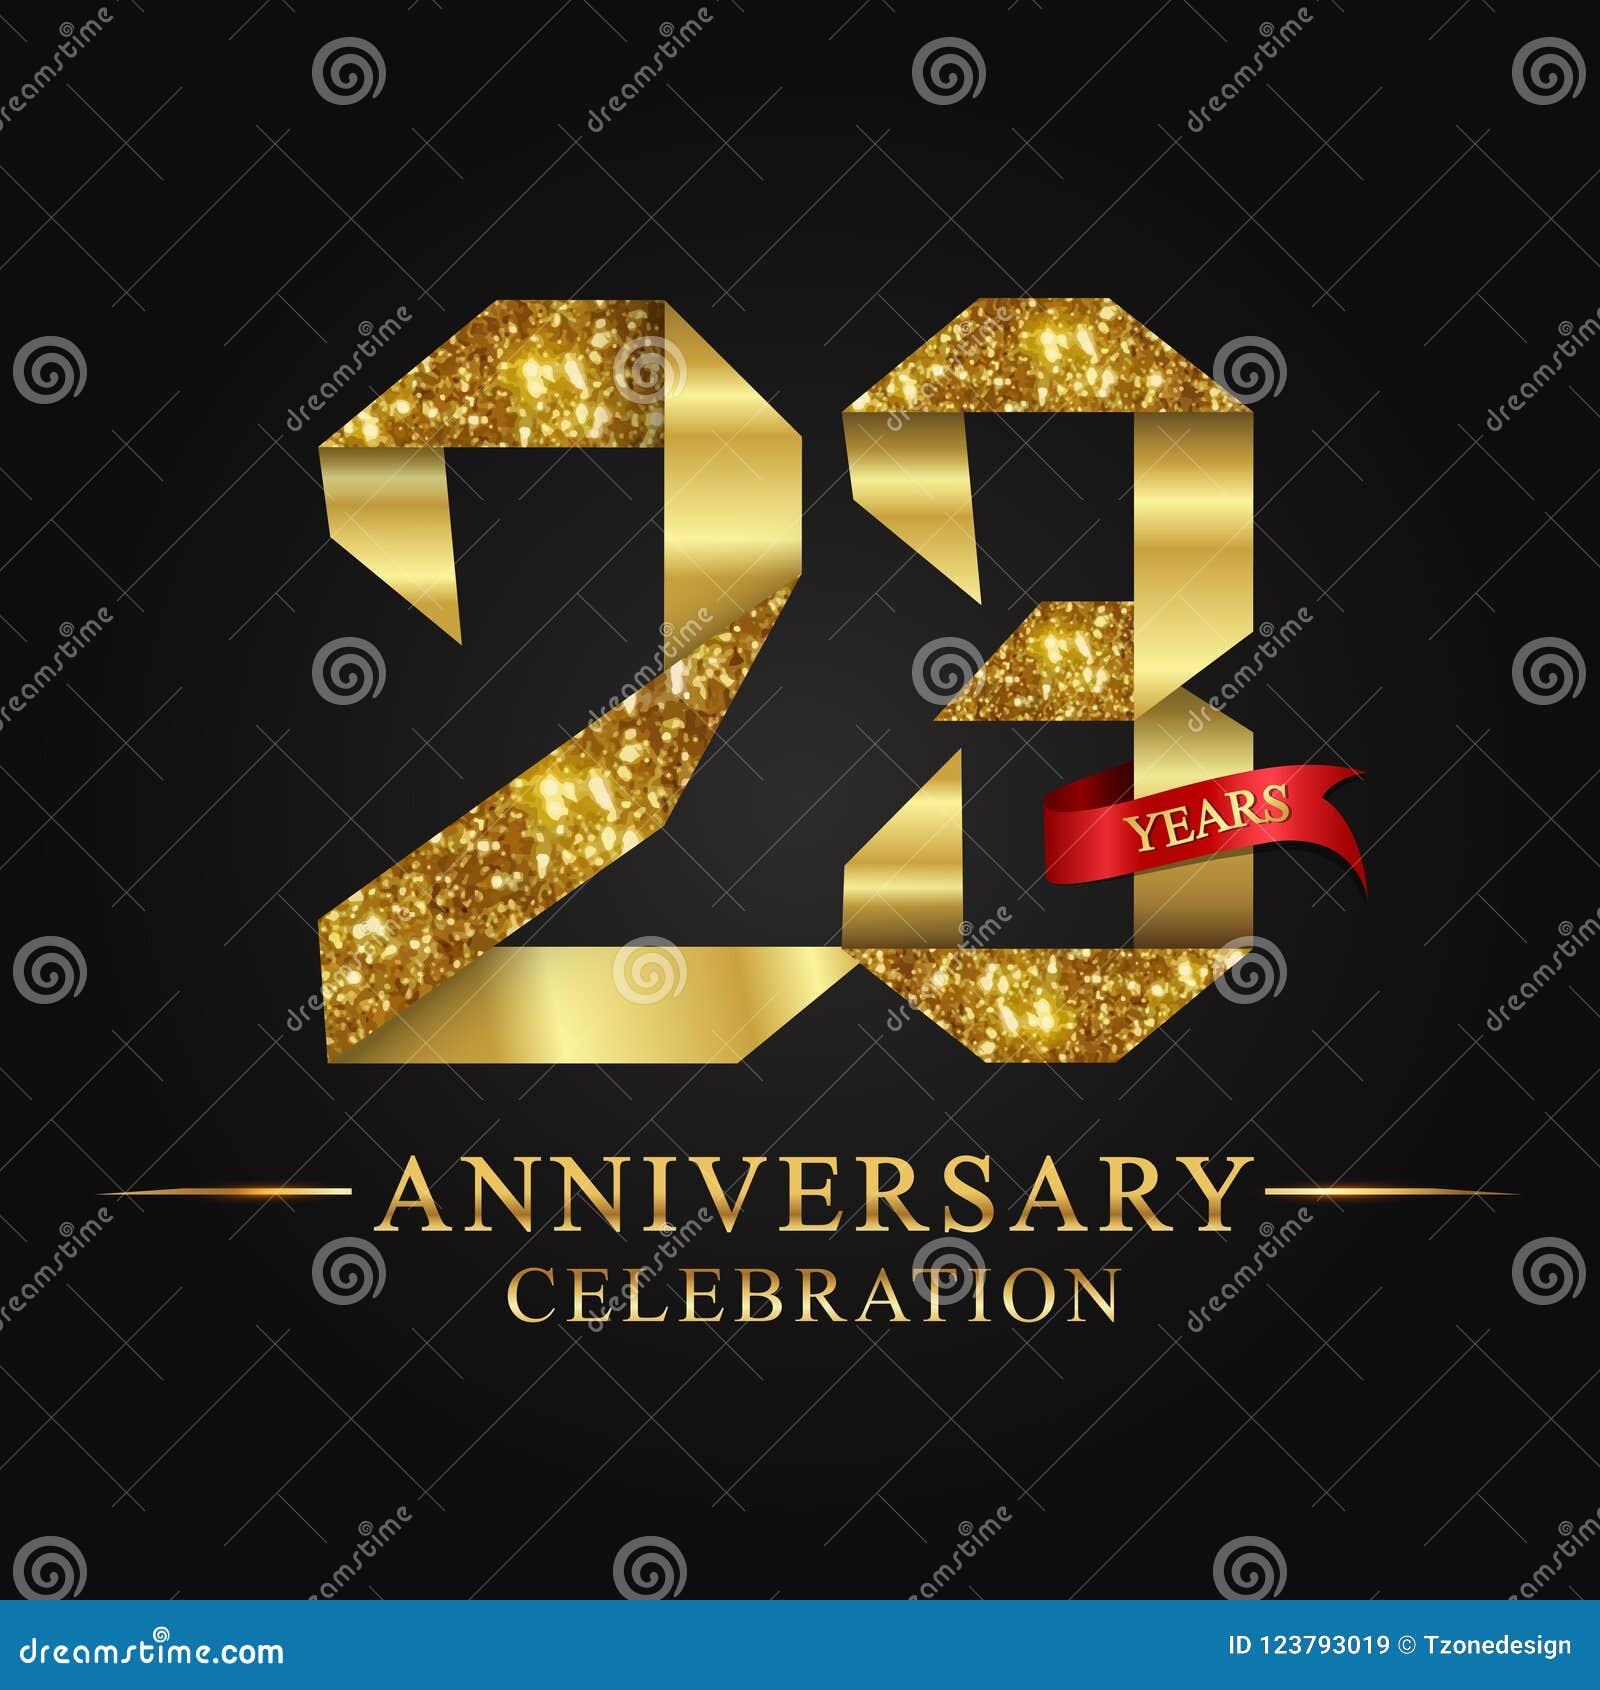 23$ος εορτασμός ετών επετείου logotype Χρυσός αριθμός κορδελλών λογότυπων και κόκκινη κορδέλλα στο μαύρο υπόβαθρο